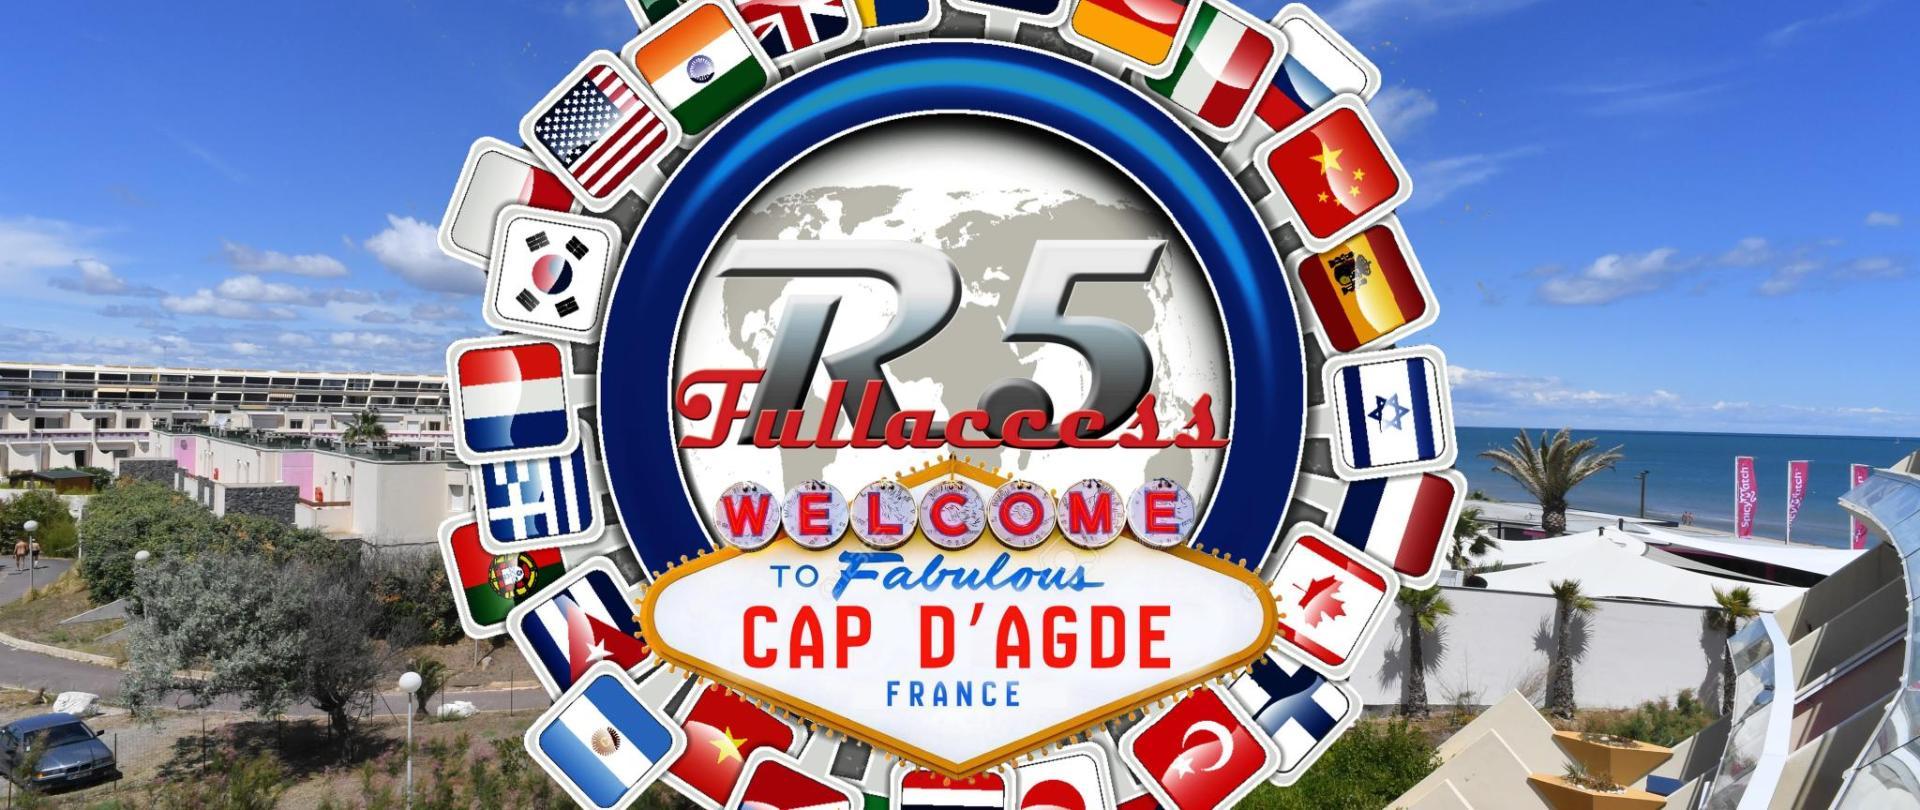 Fullaccess R5 Cap d Agde.jpg